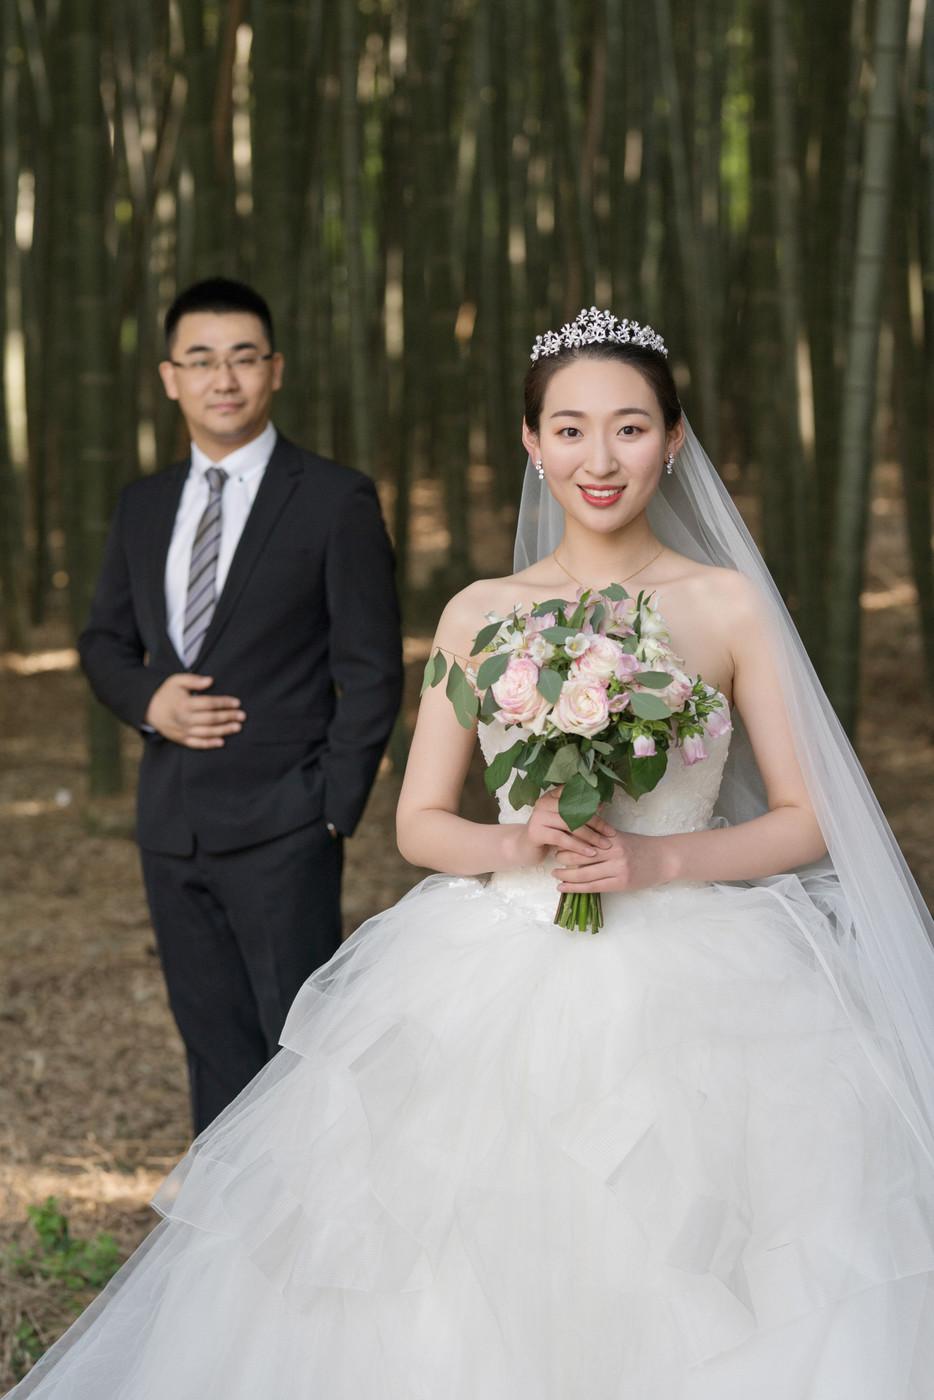 「KAI 旅行婚纱」梦里醒来,姑苏早春15